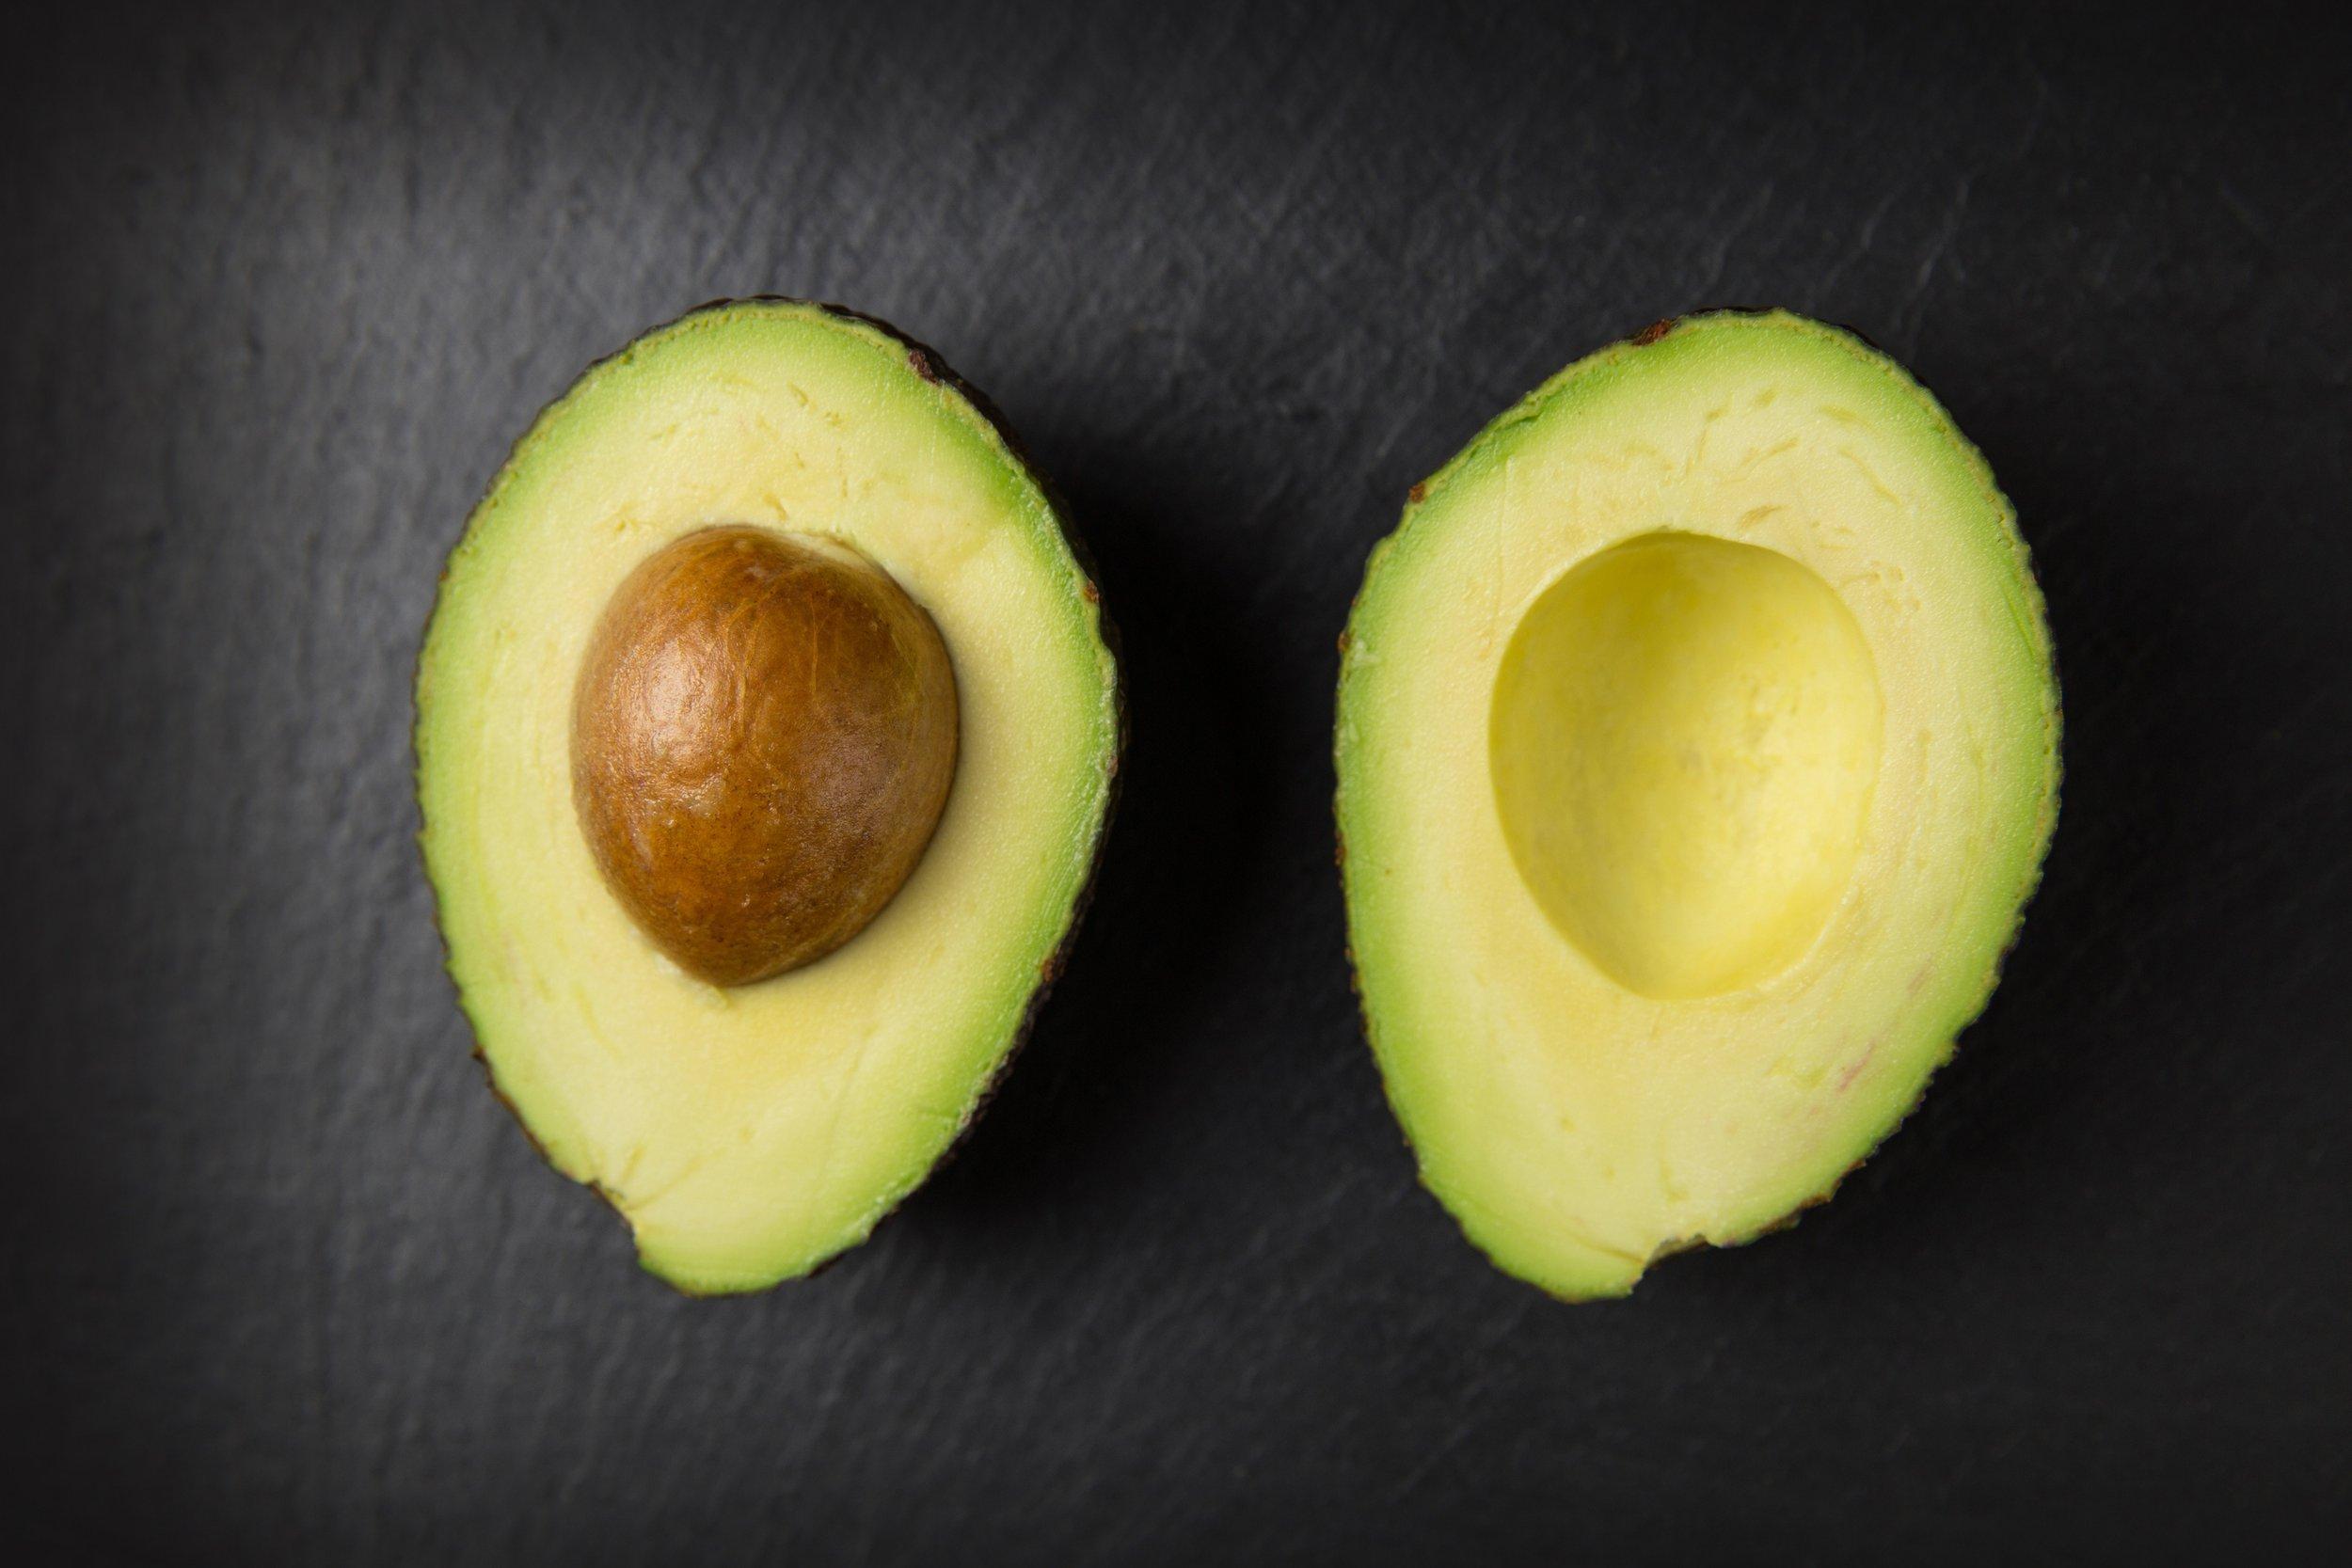 avocado-close-up-colors-557659 (1).jpg